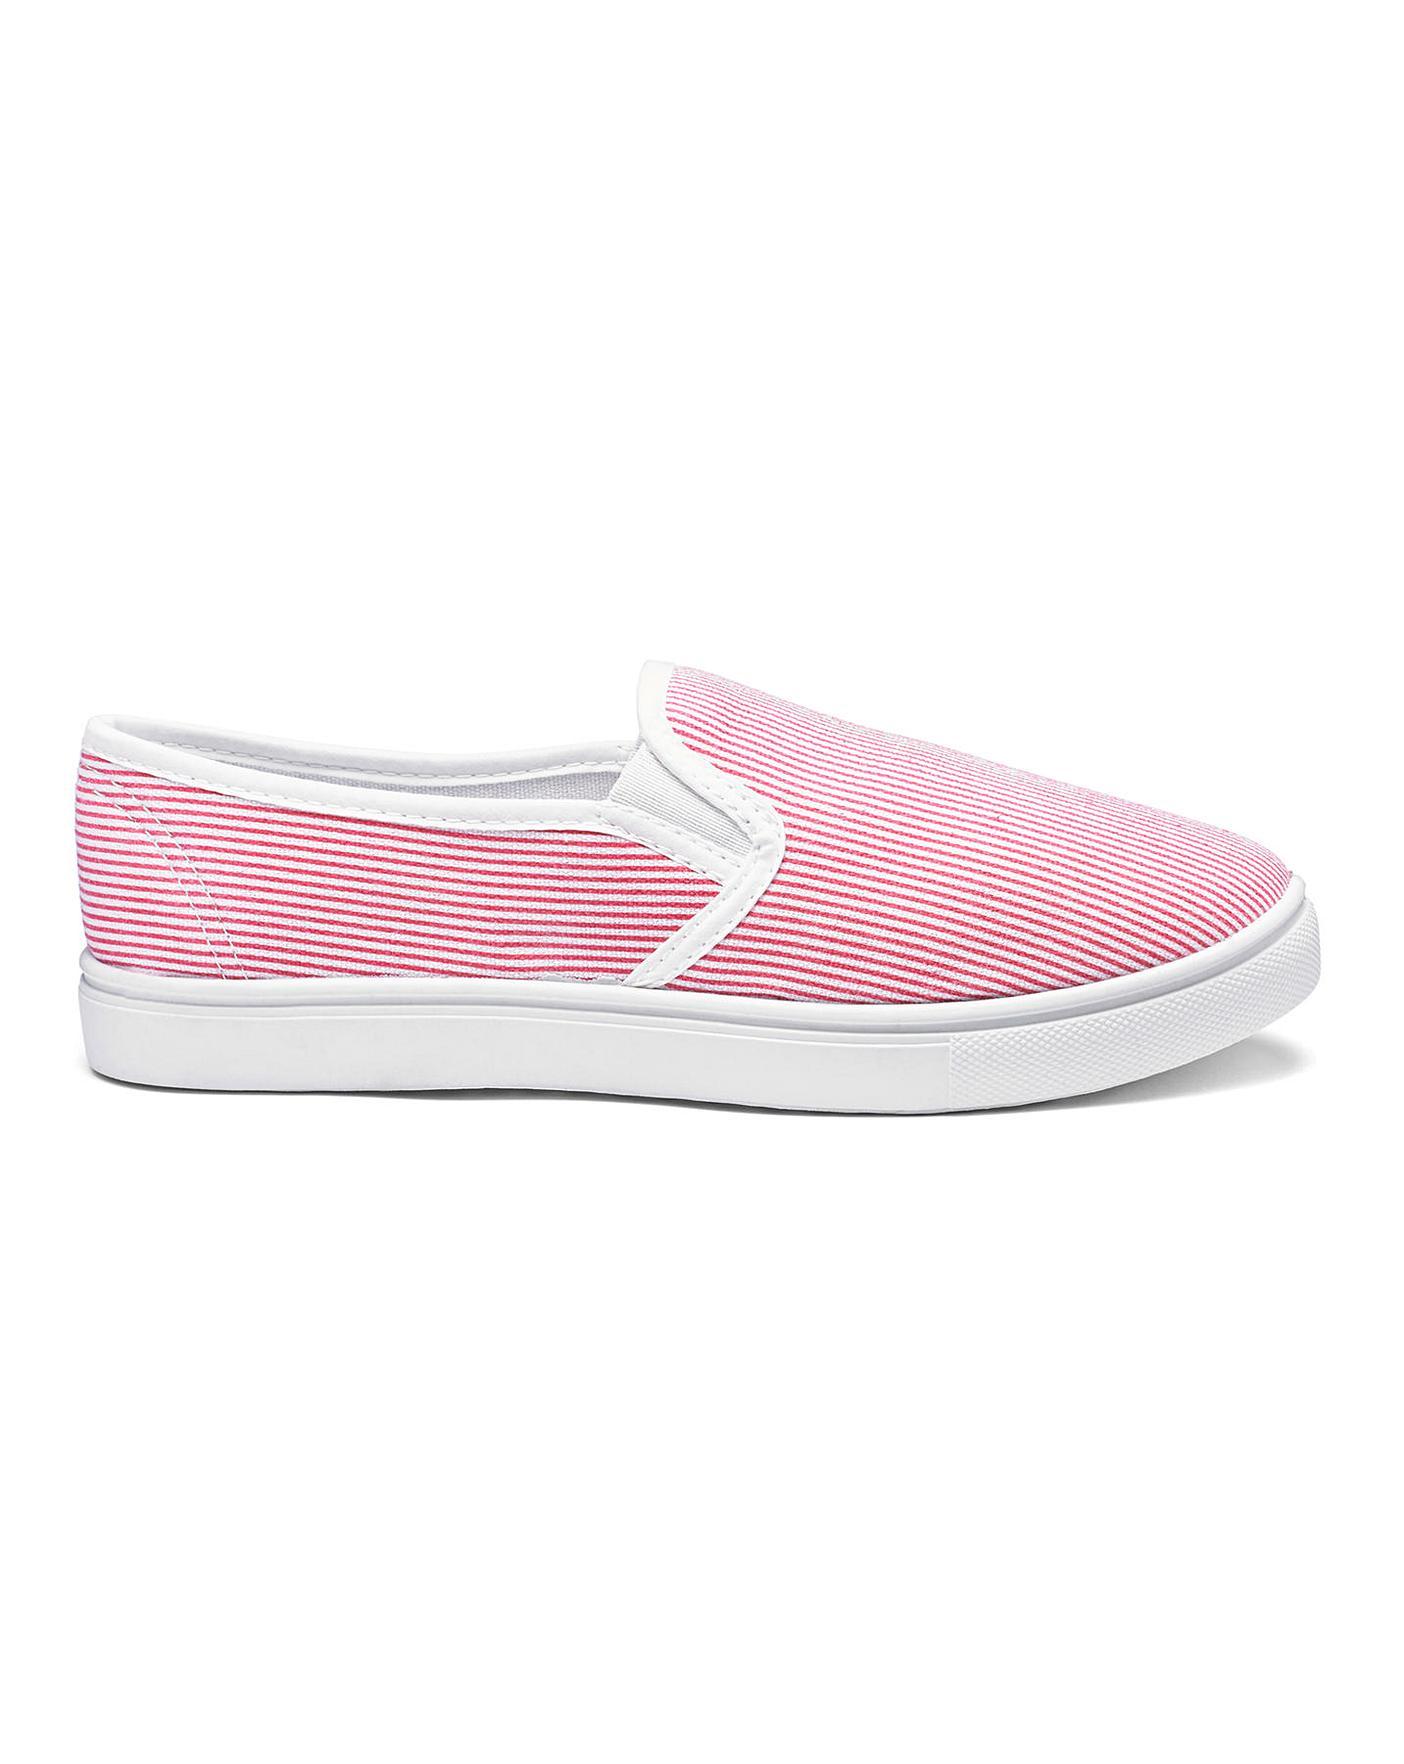 b661088e23f Heavenly Soles Canvas Shoes E Fit